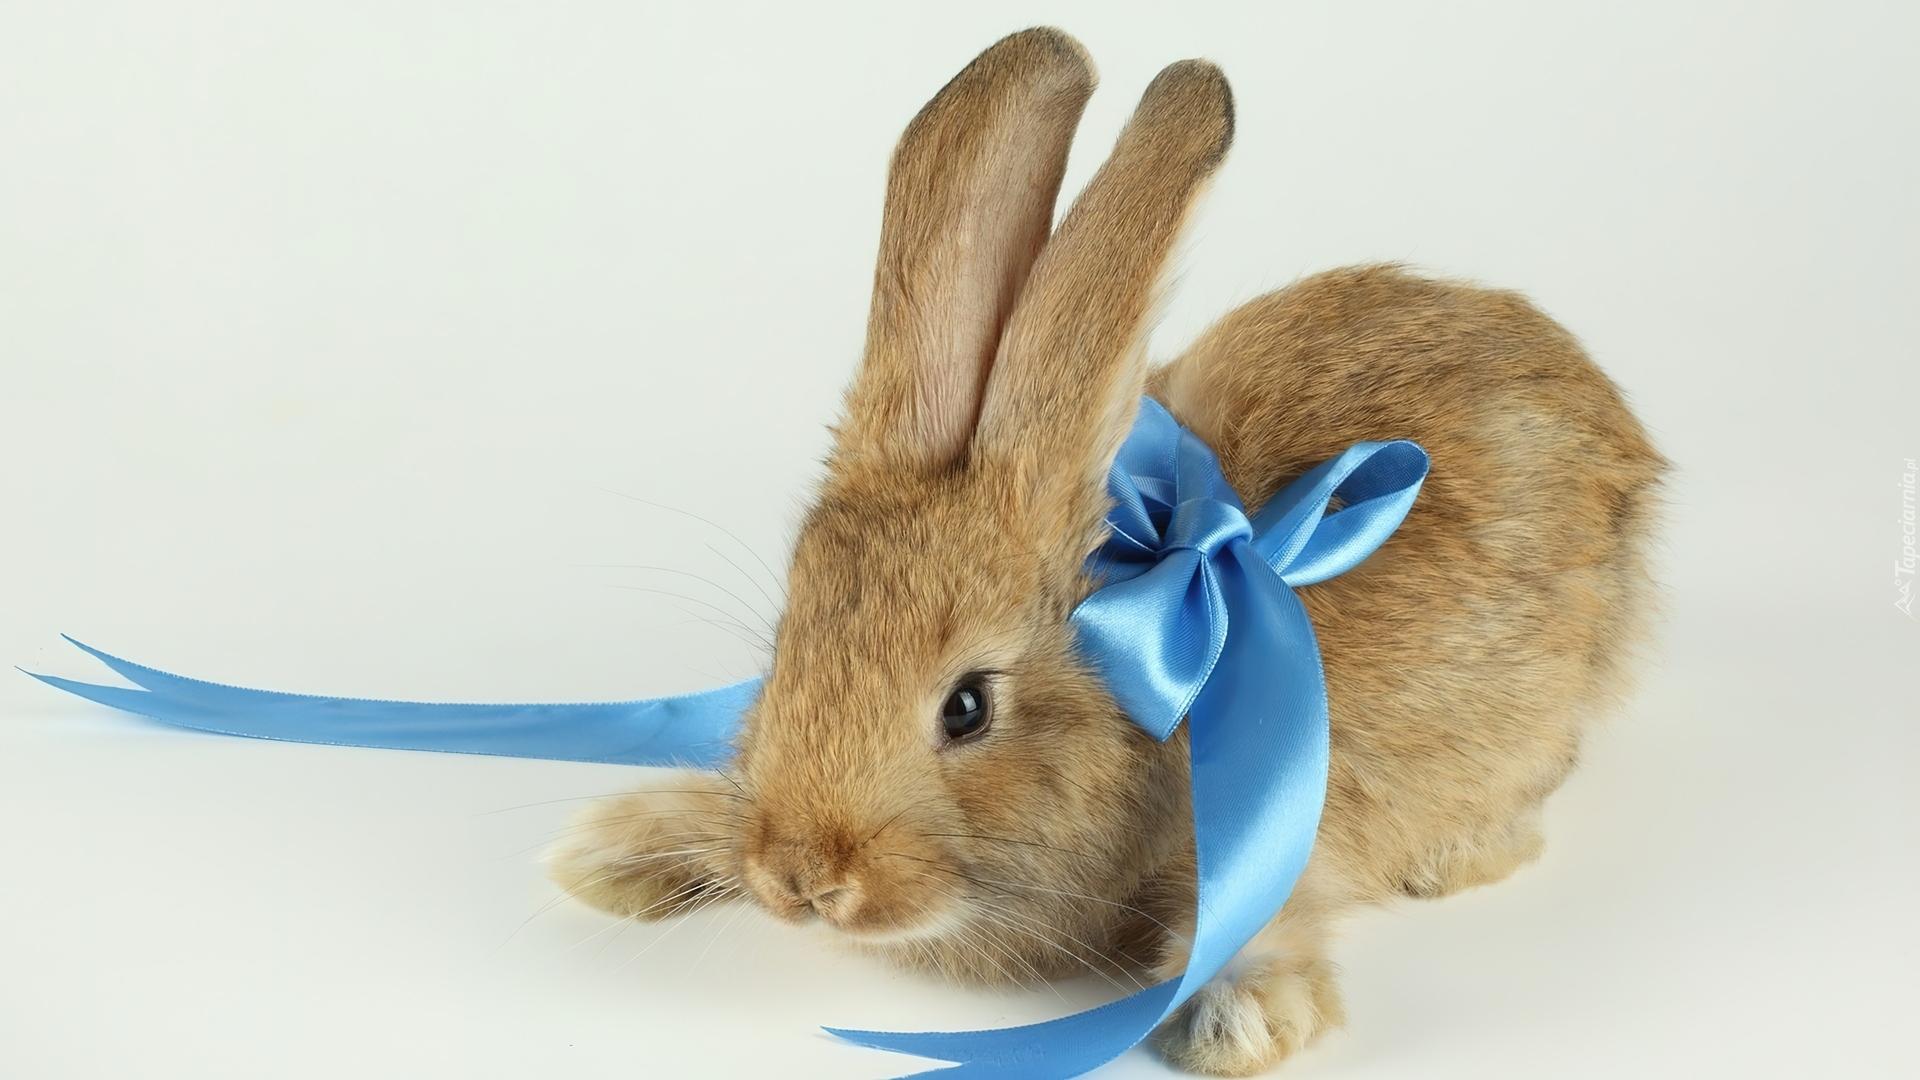 Декоративный кролик без смс